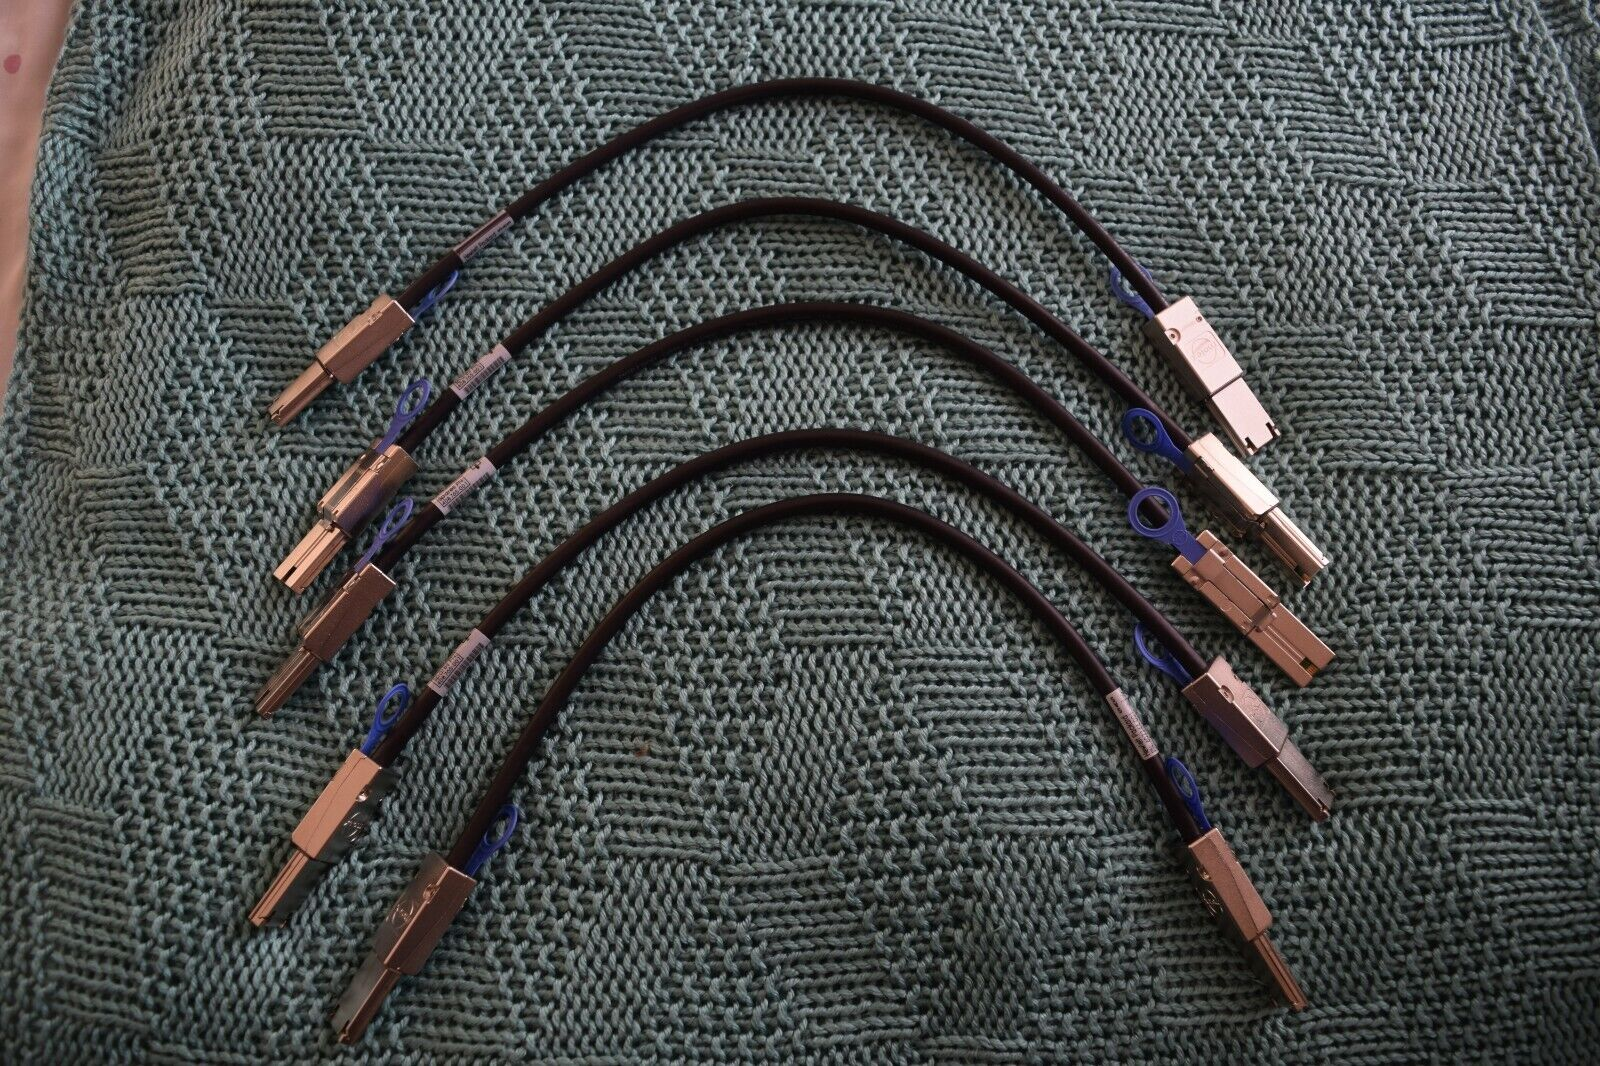 20 x HP 0.5M External Mini SAS Cables 407344-001 408765-001 - All NEW - Set E